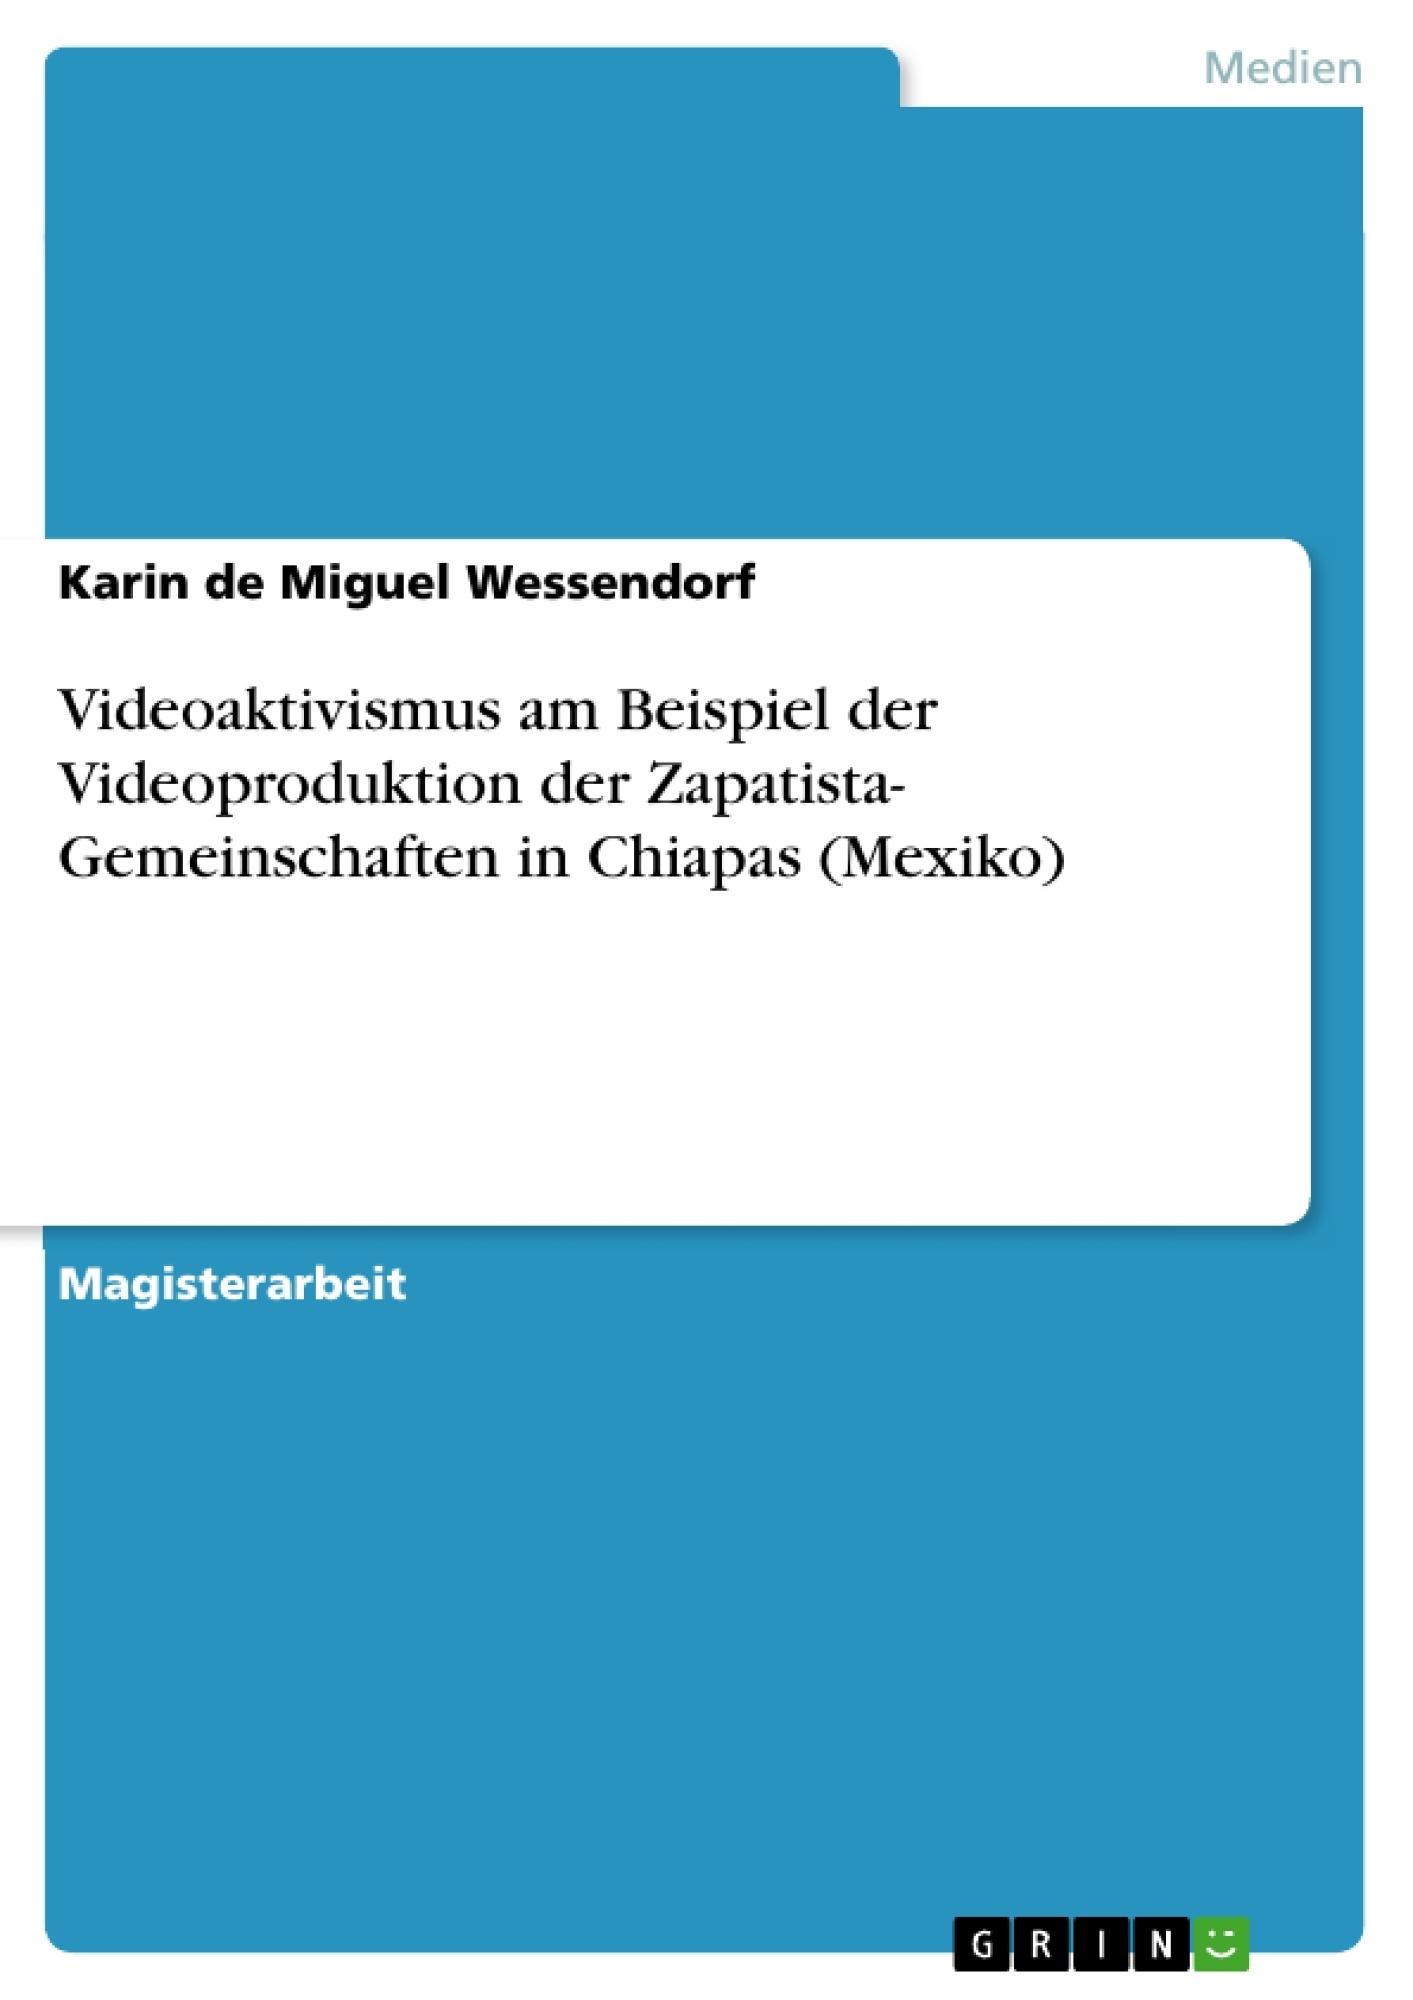 Titel: Videoaktivismus am Beispiel der Videoproduktion der Zapatista- Gemeinschaften in Chiapas (Mexiko)